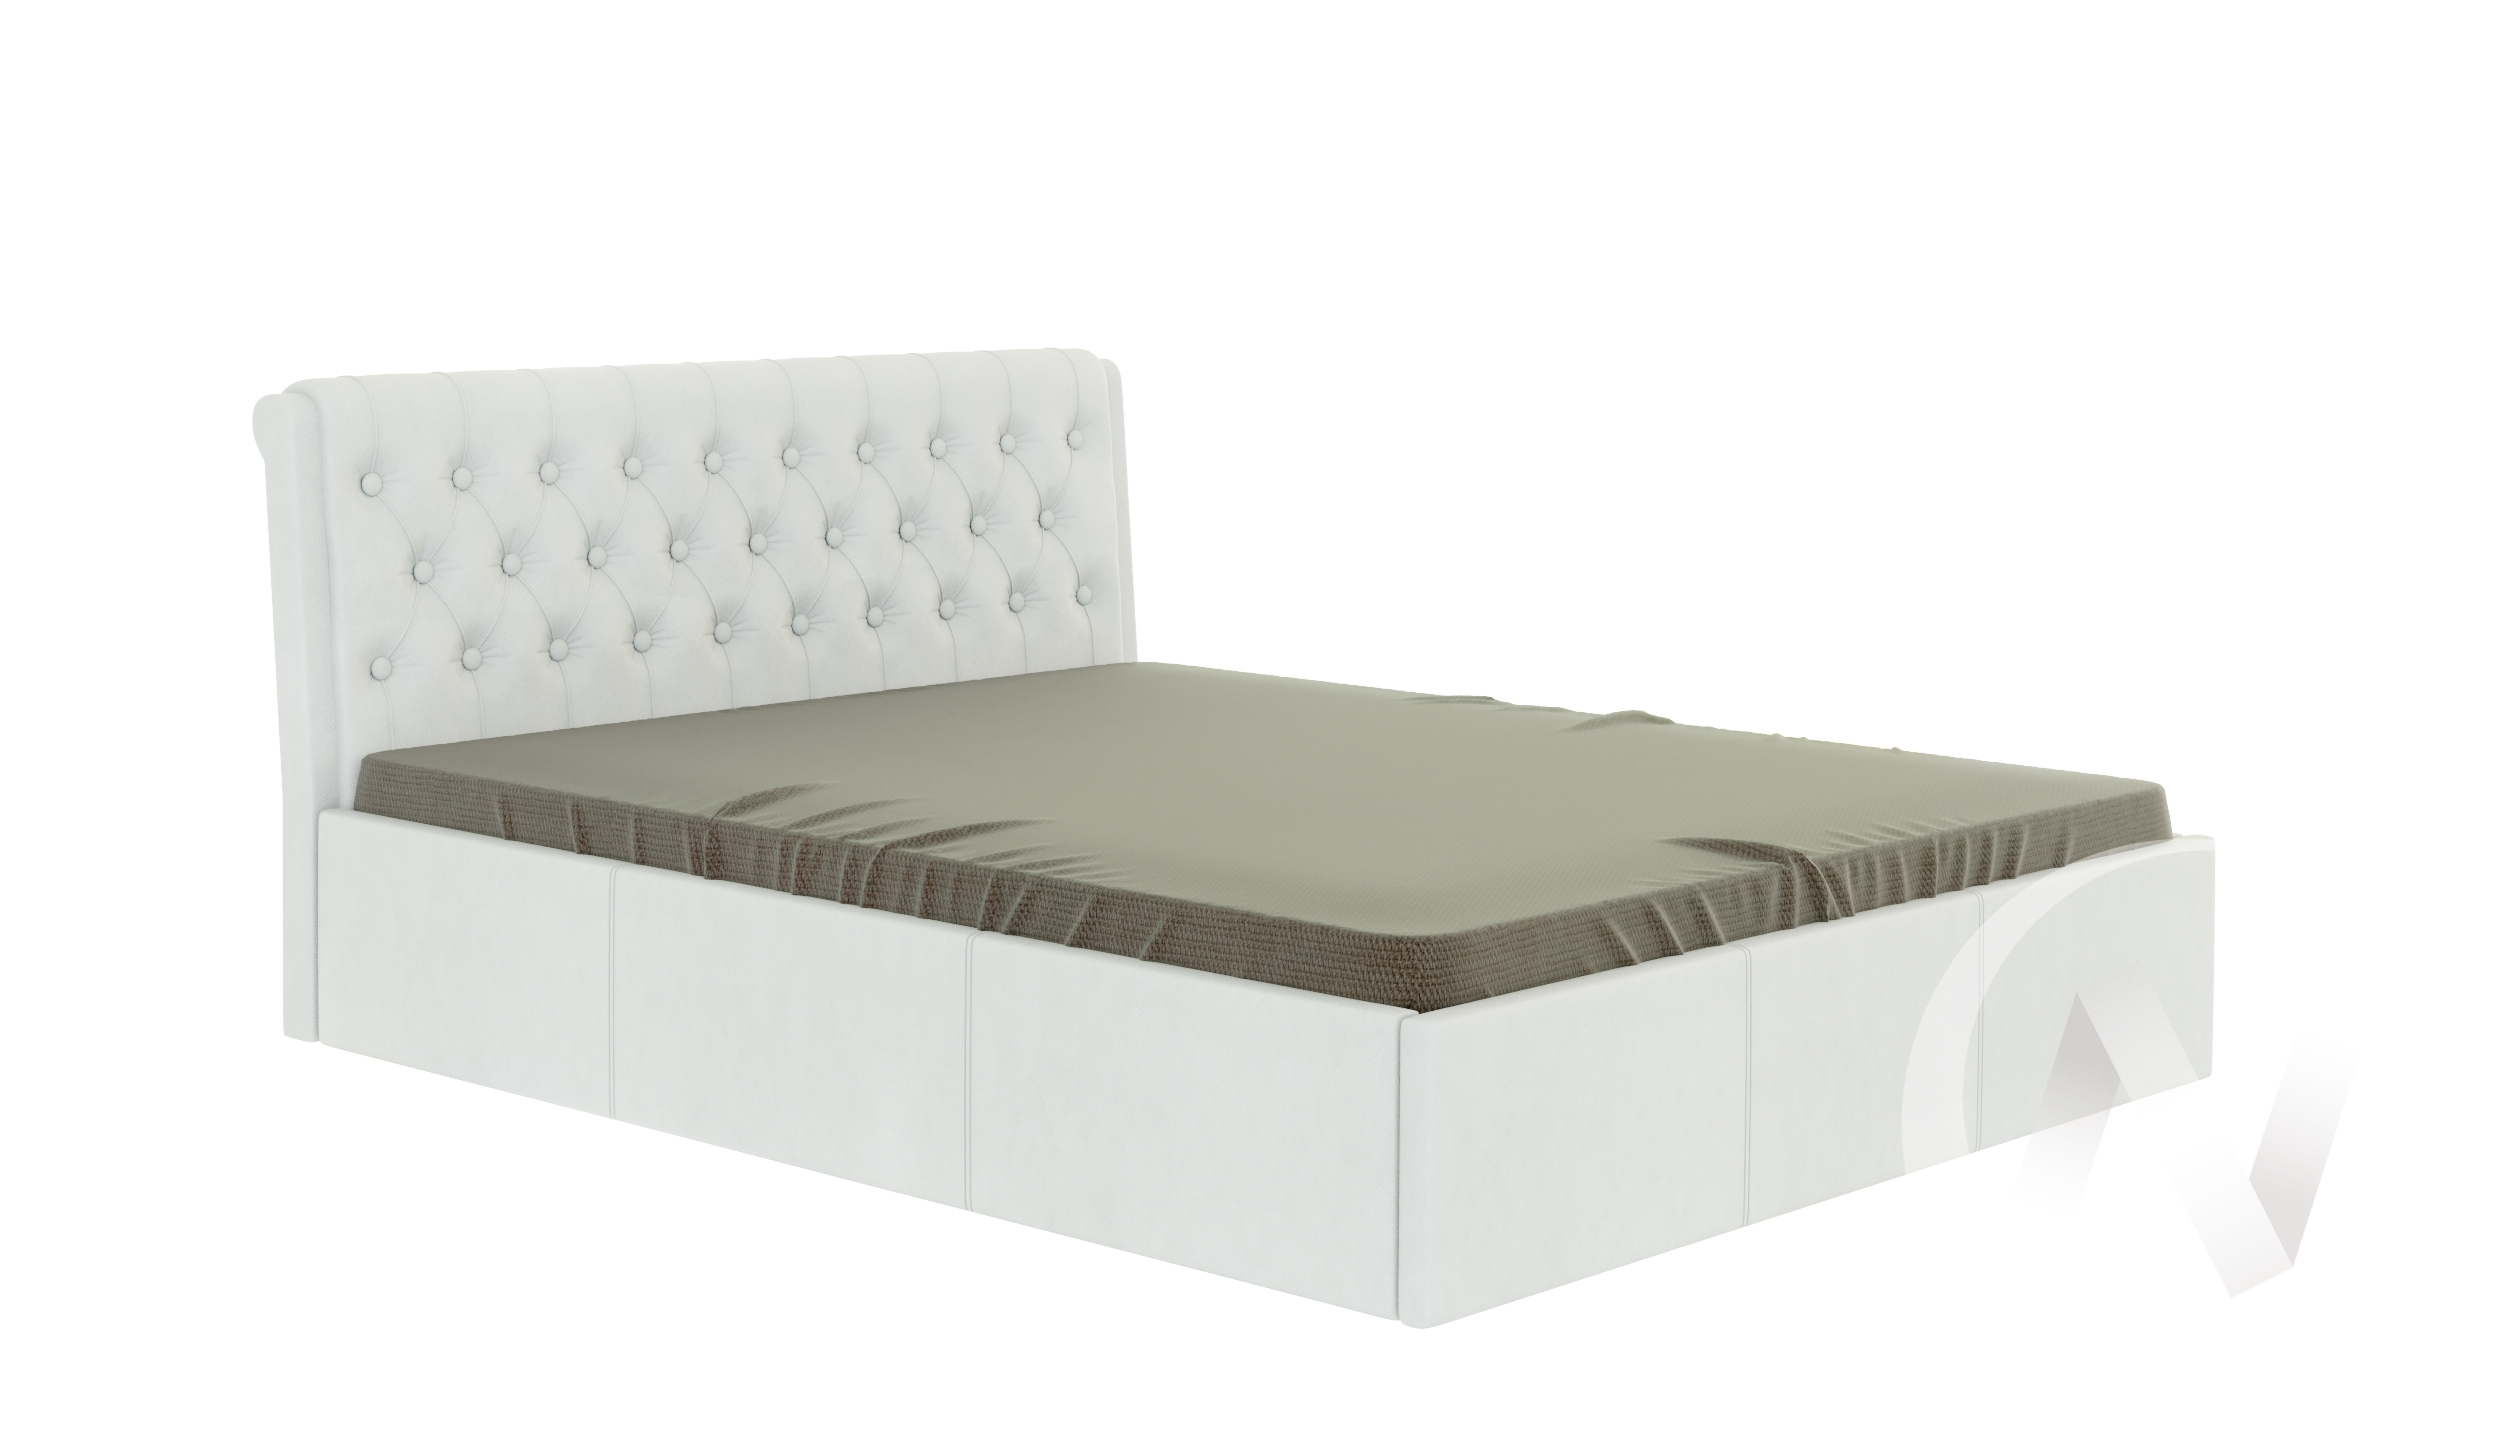 Кровать Дженни 1,6 (белый)  в Новосибирске - интернет магазин Мебельный Проспект